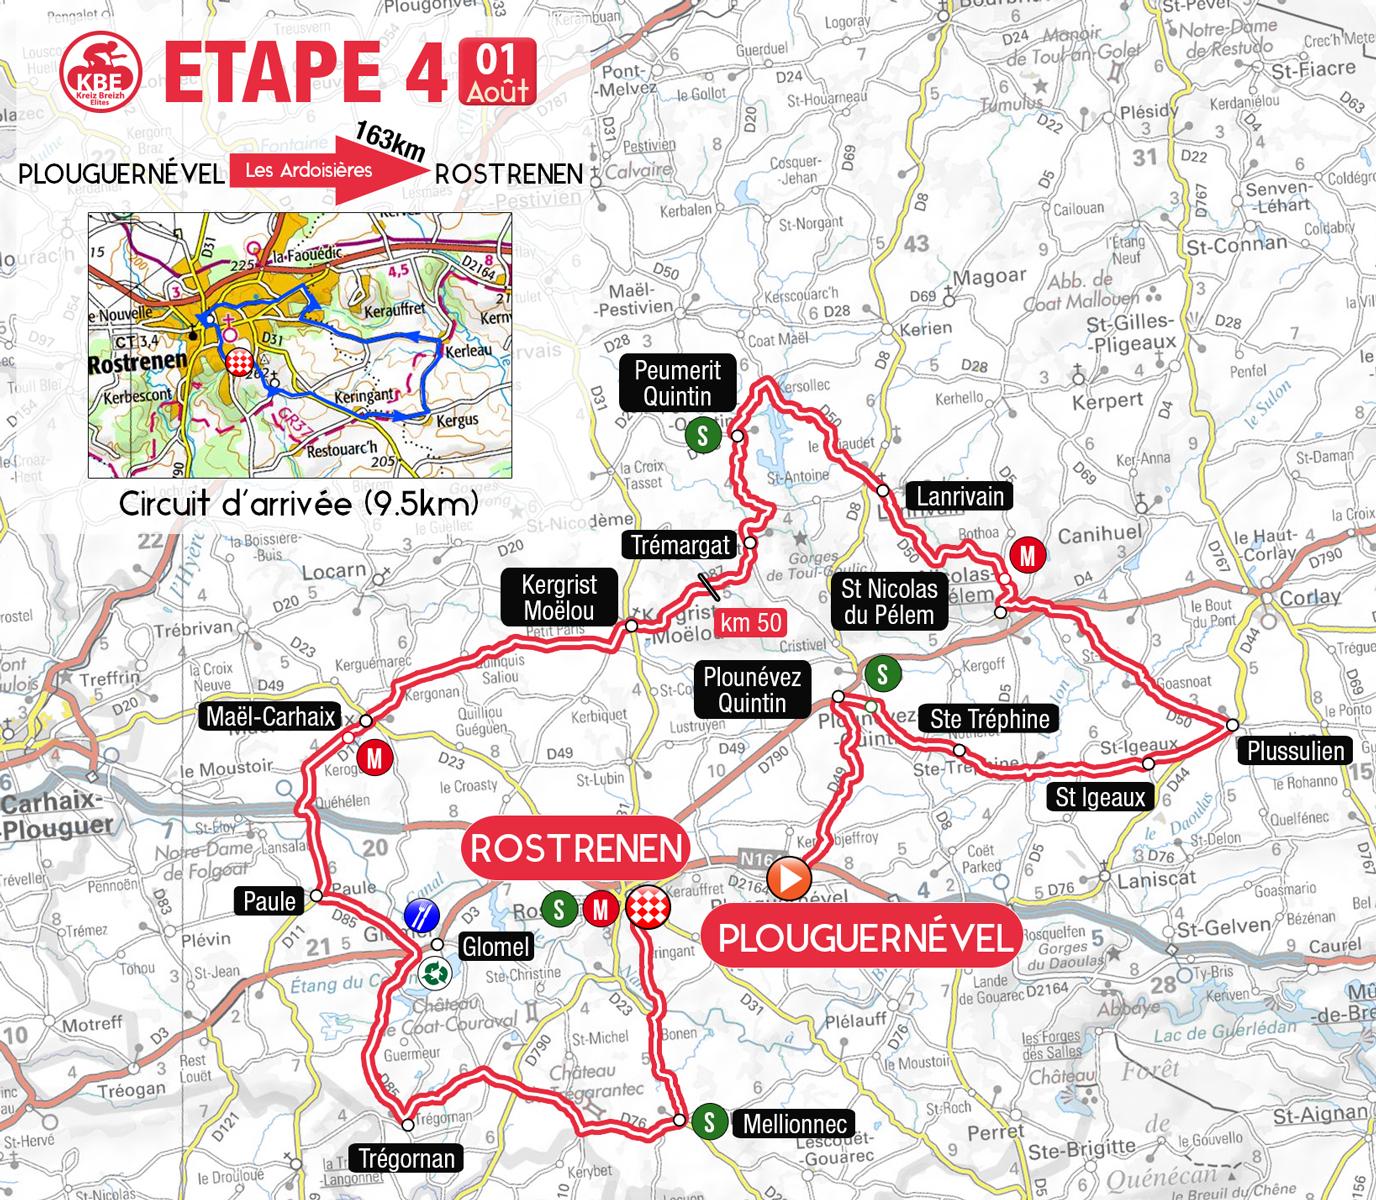 etape42016